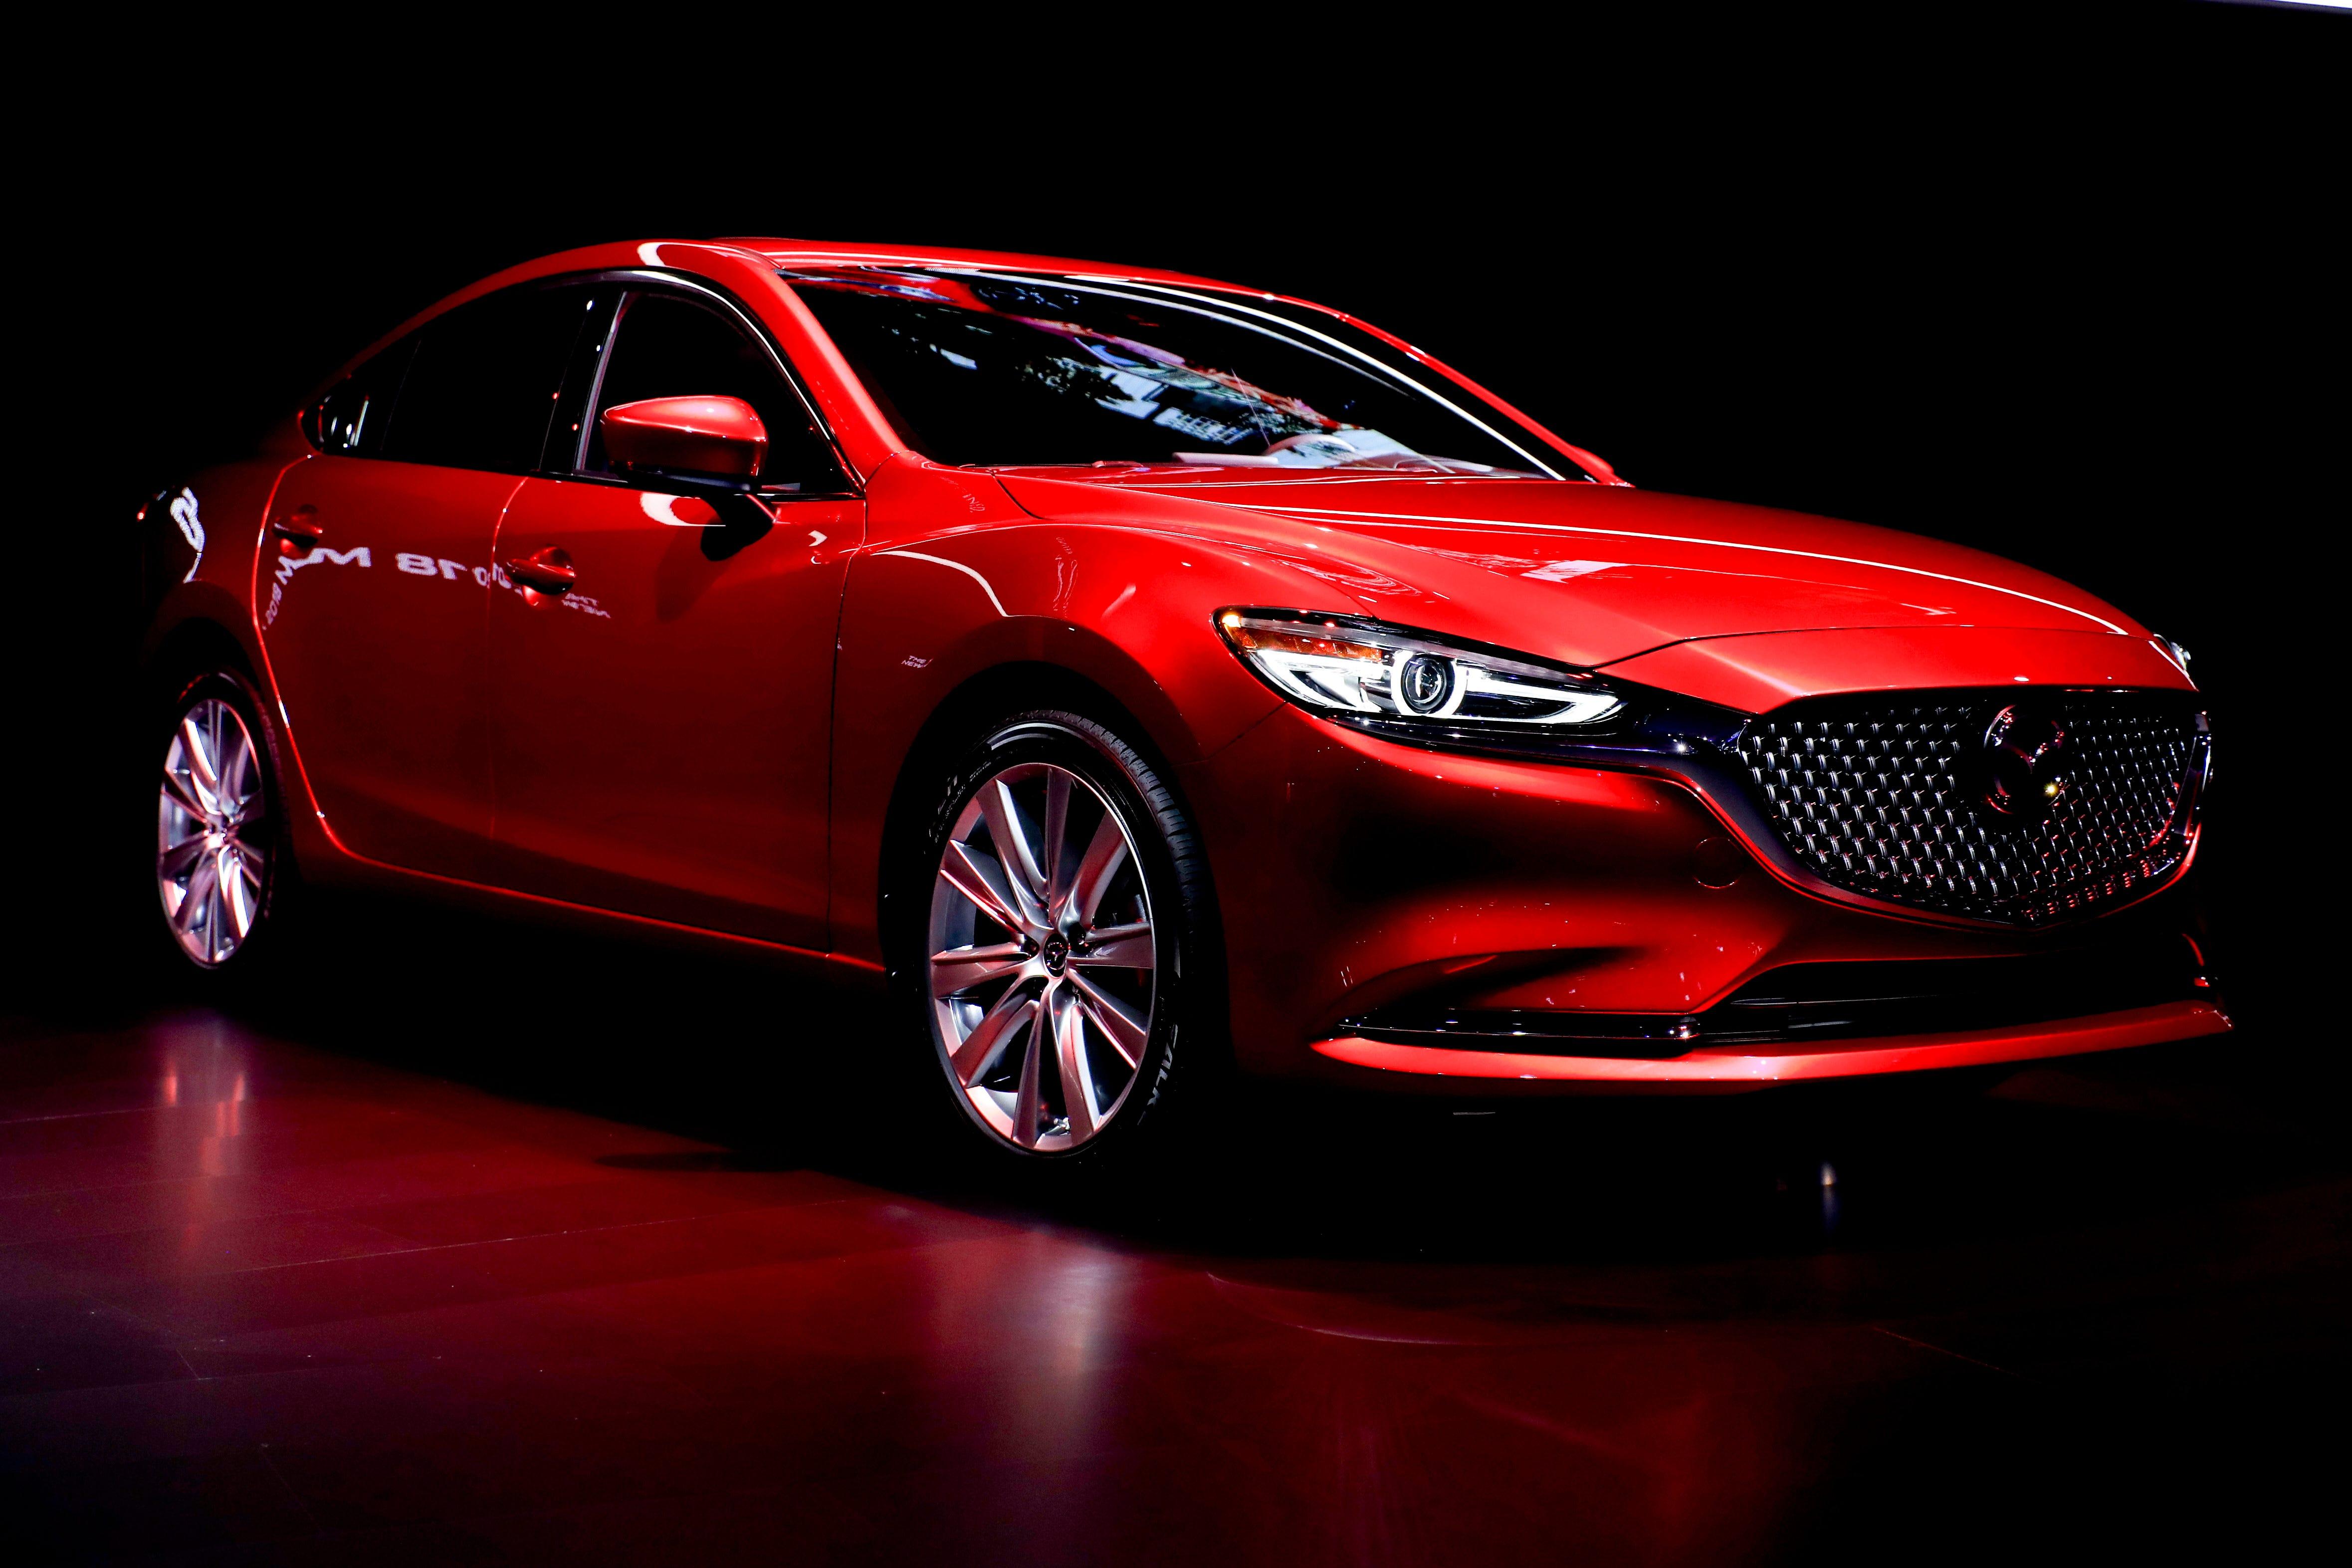 Mazda Vision / 2018 Mazda 6, part 2: The 6's story